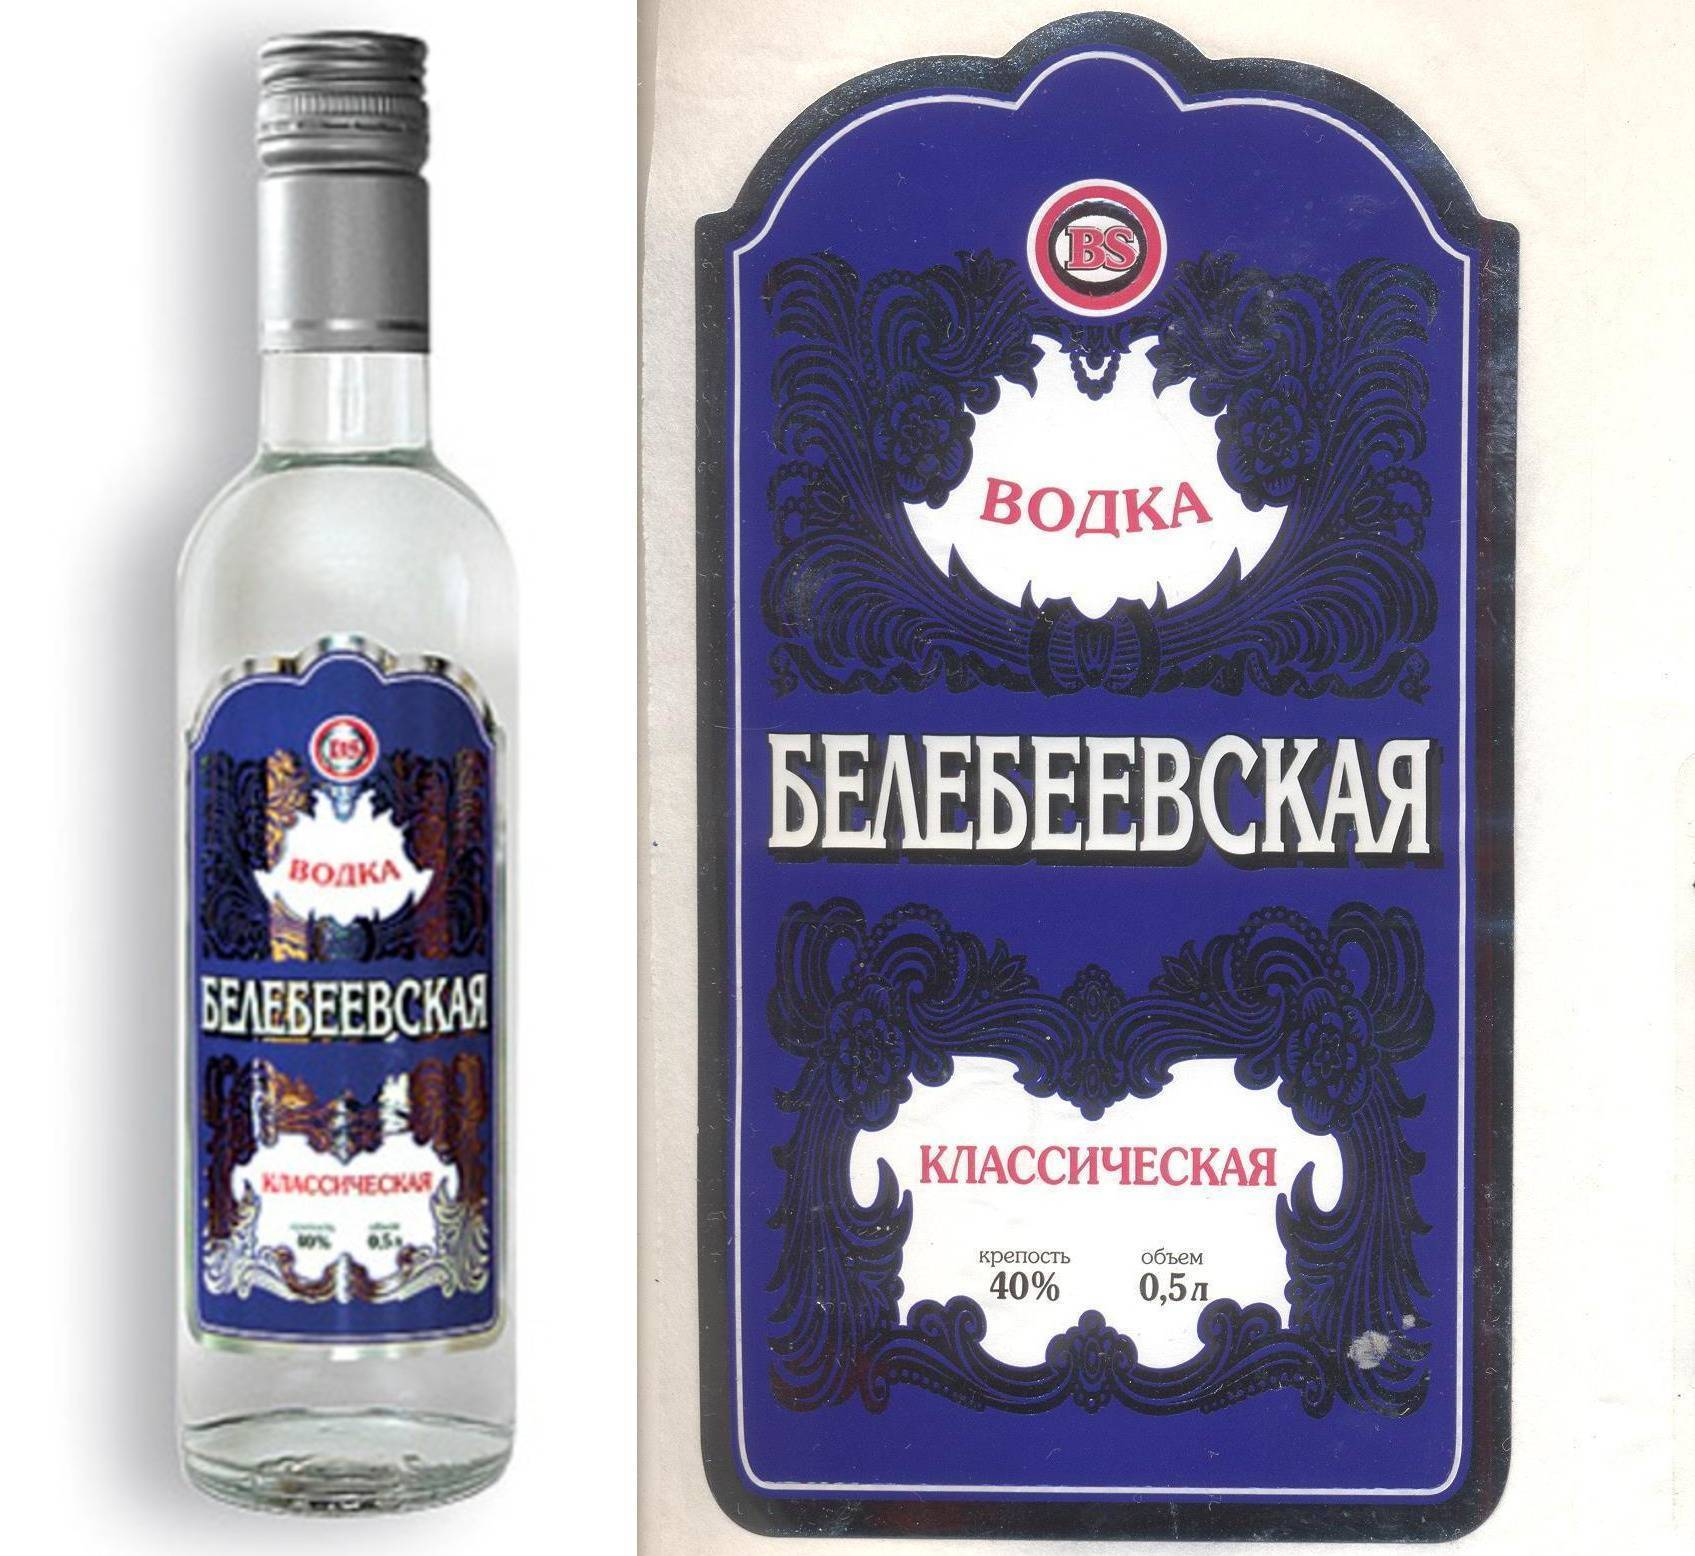 Рейтинг качества водки 2020 в россии от экспертов. лучшая и худшая водка по рейтингу ушедшего года